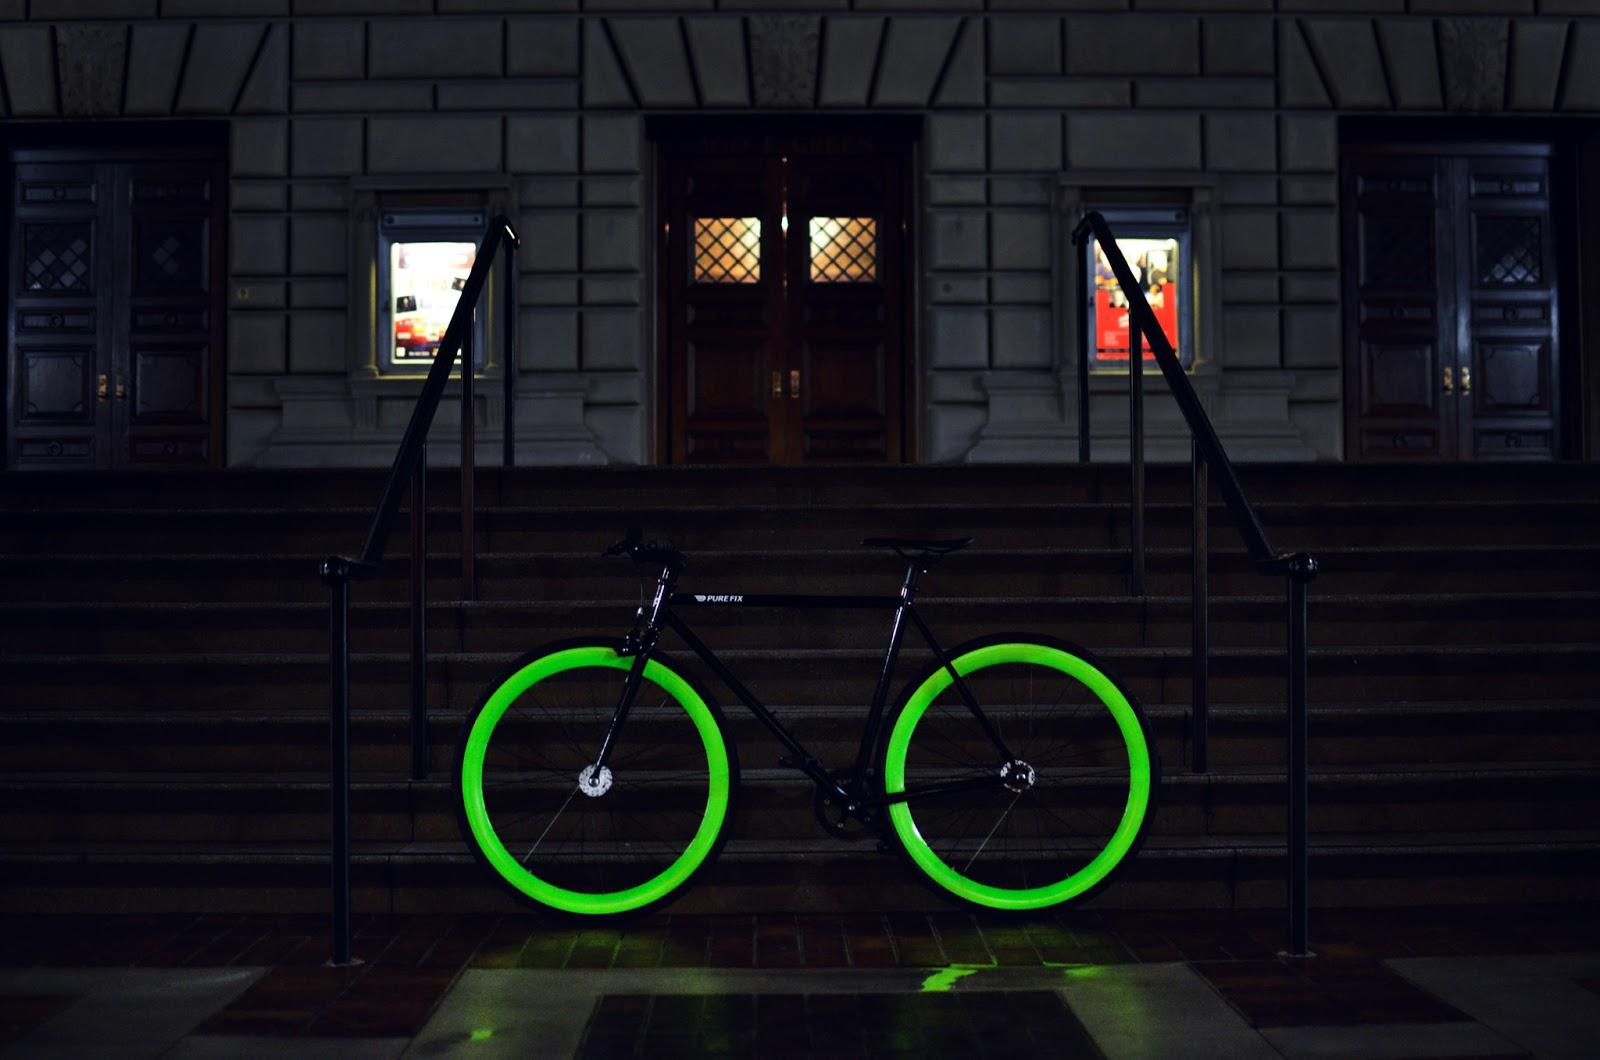 Ein Fahrrad mit leuchtenden Reifen steht vor einem Hotel